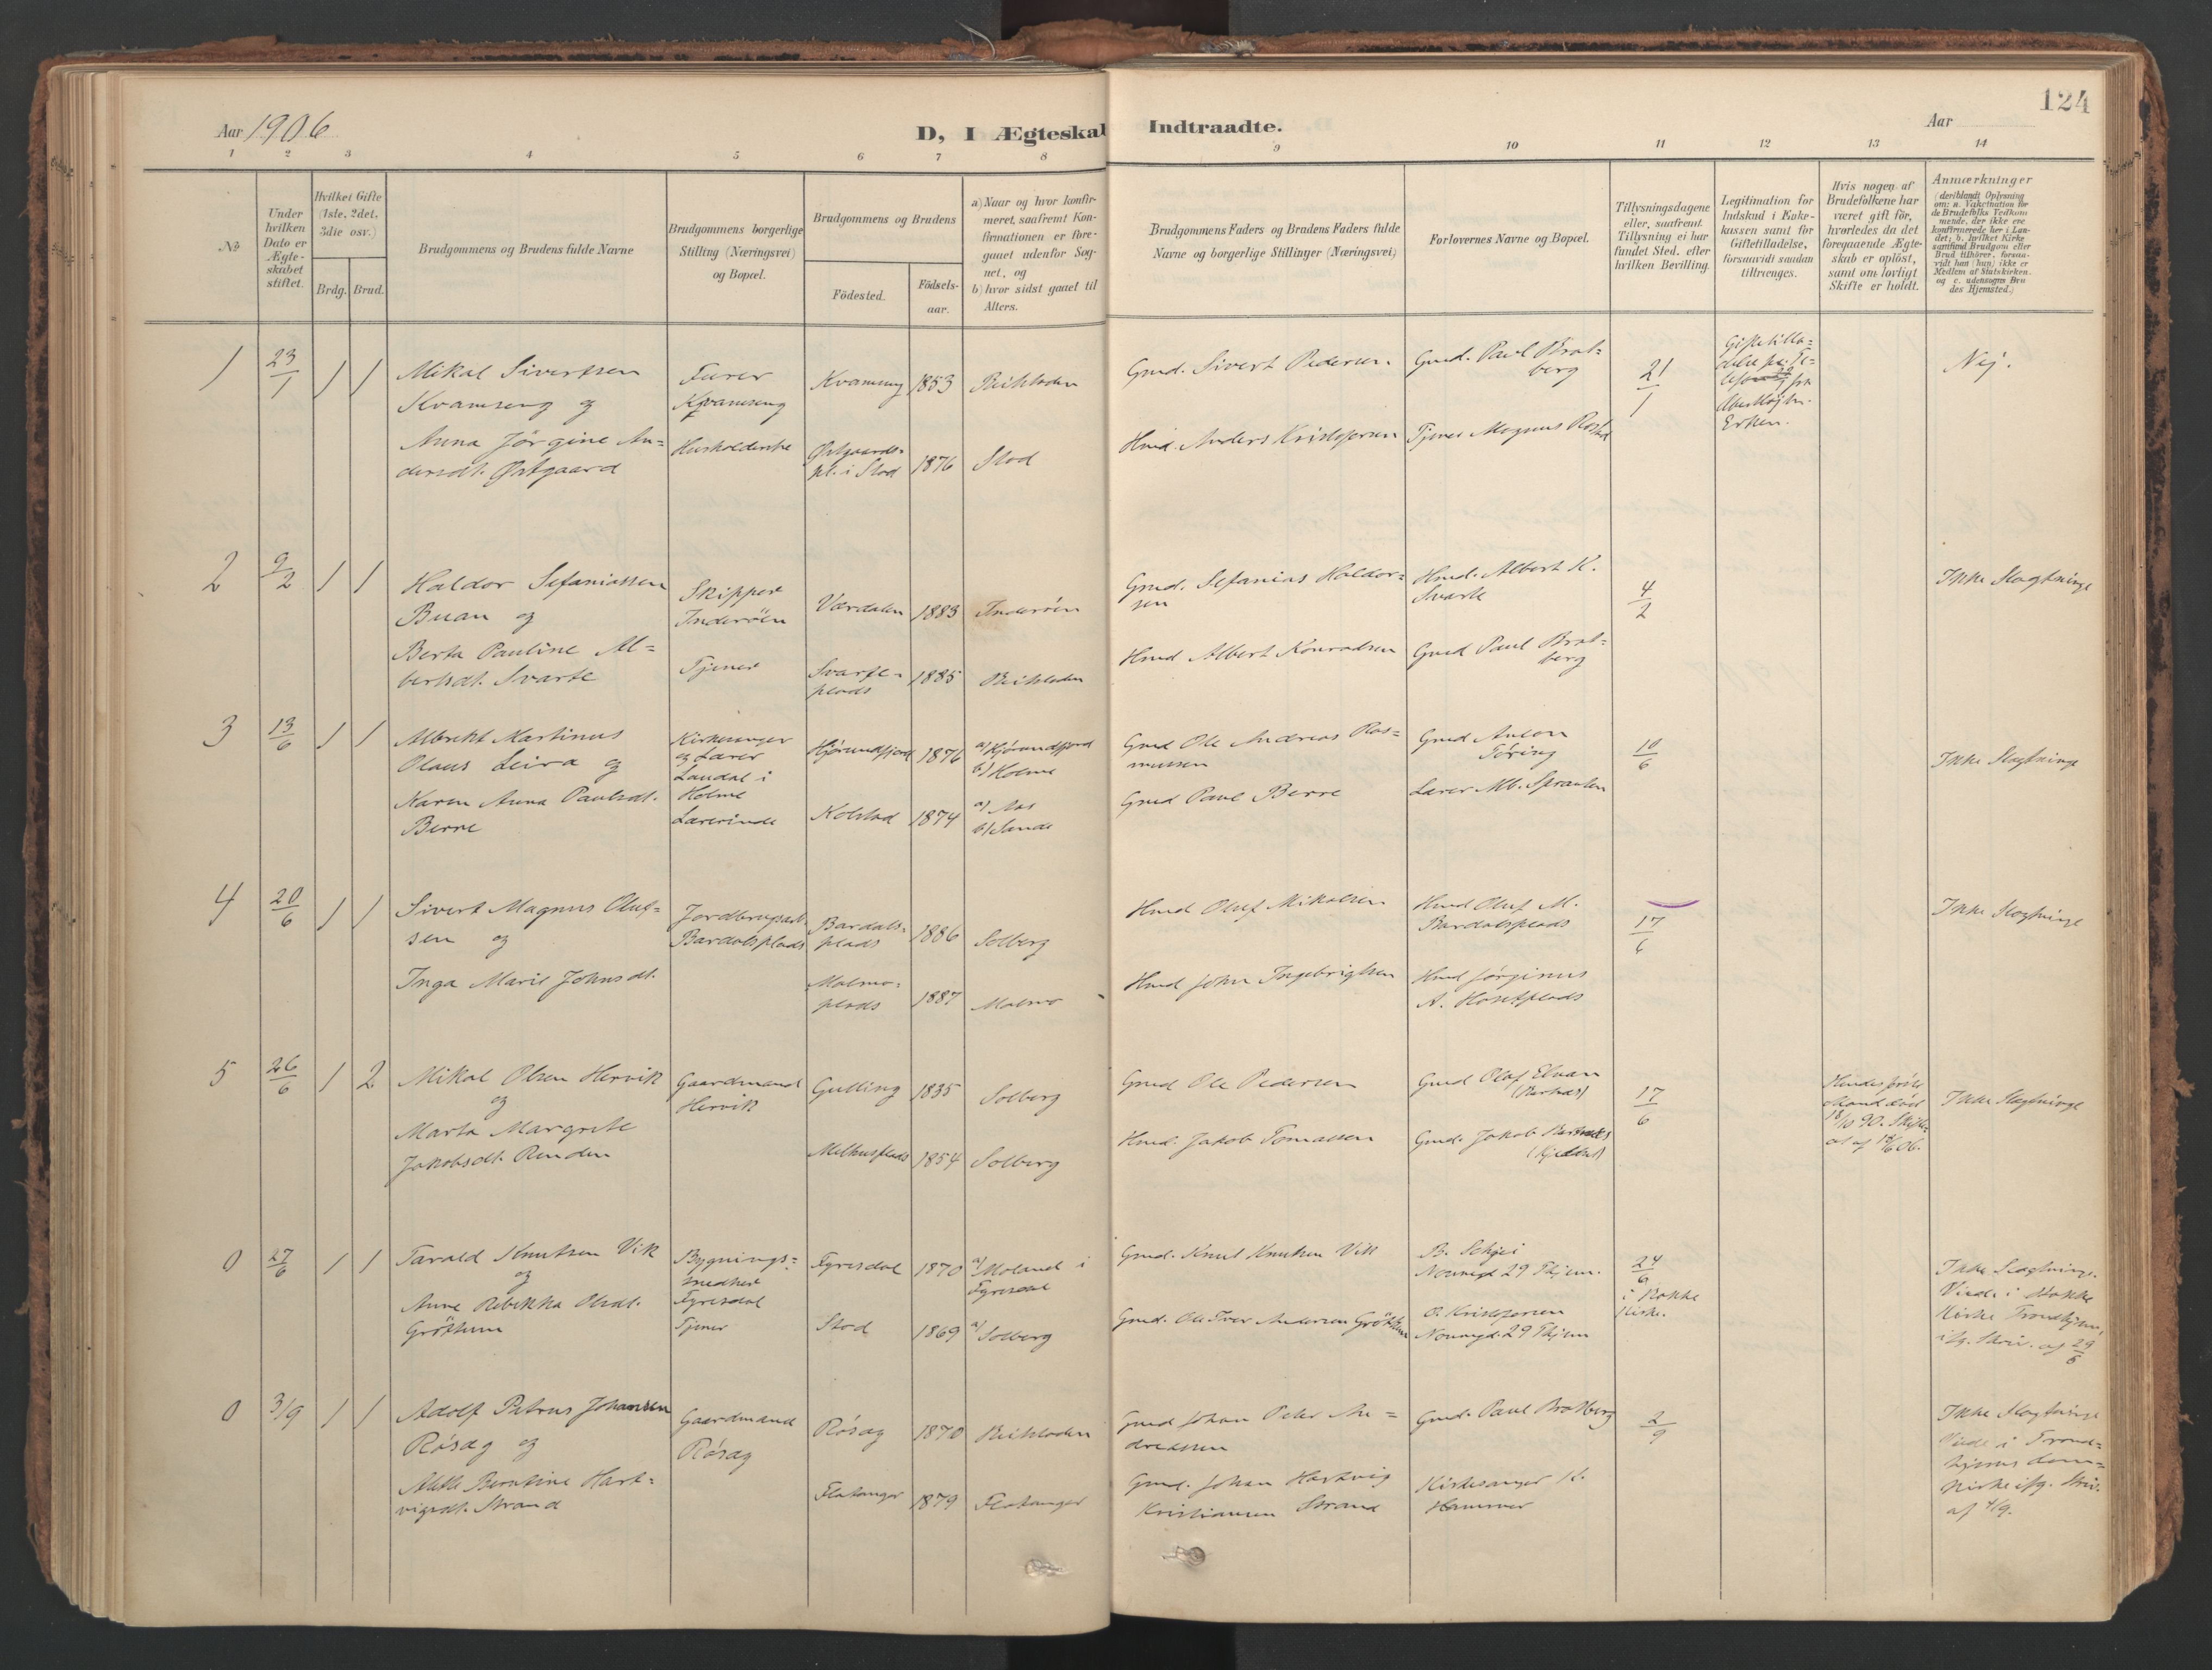 SAT, Ministerialprotokoller, klokkerbøker og fødselsregistre - Nord-Trøndelag, 741/L0397: Ministerialbok nr. 741A11, 1901-1911, s. 124